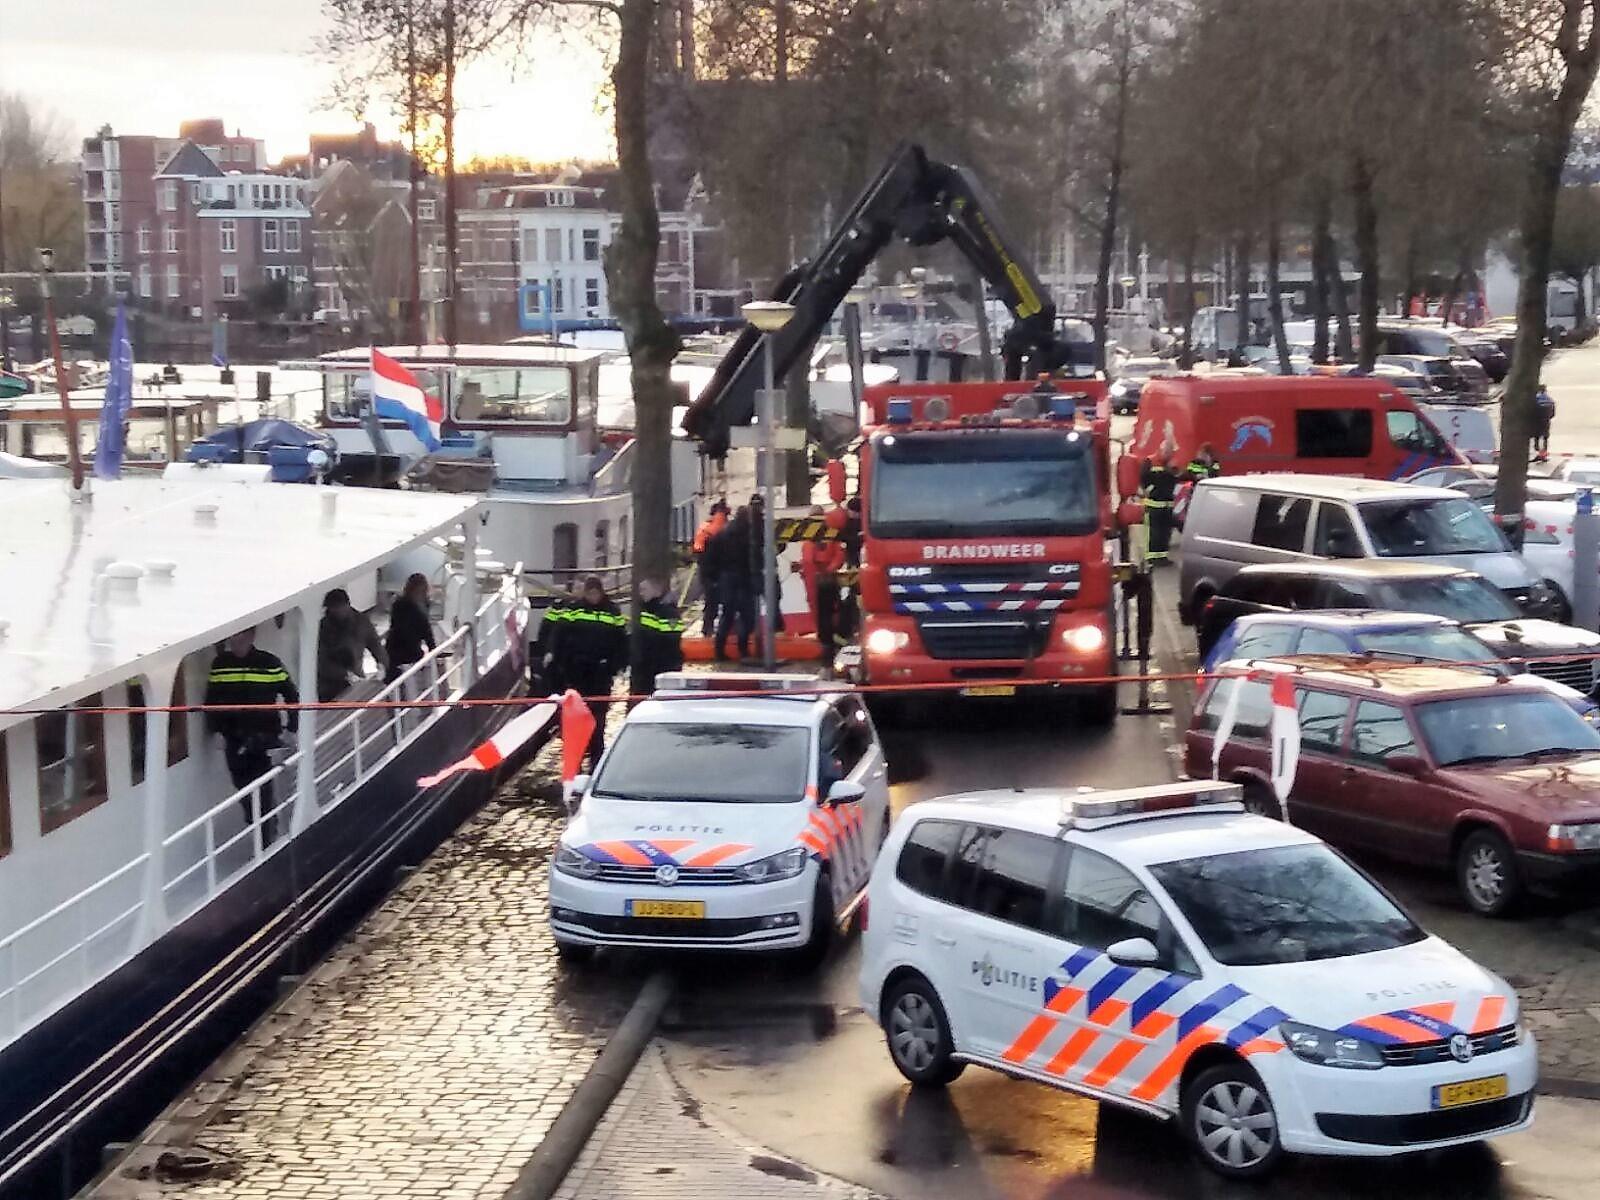 Dode gevonden in stad Groningen